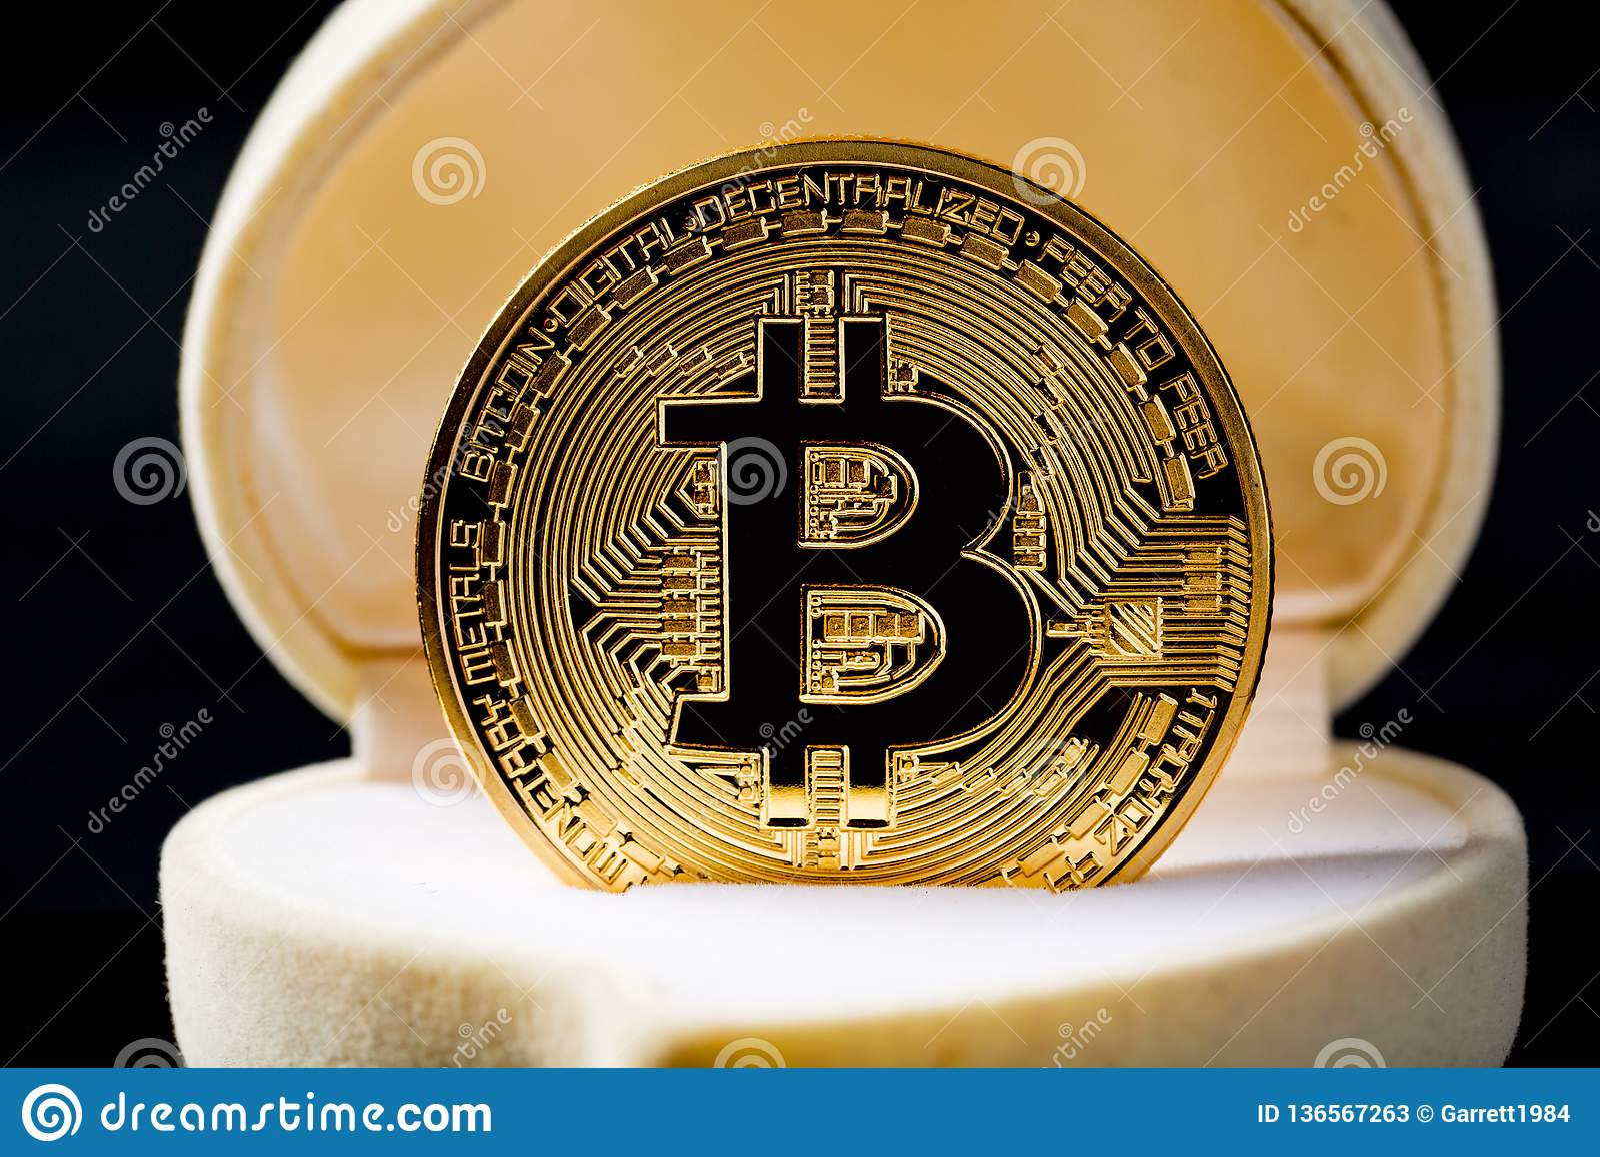 Χρυσό νόμισμα Bitcoin στο κιβώτιο γαμήλιων δαχτυλιδιών στο μαύρο κλίμα μαύρο στενό μαλακό επάνω λευκό μαξιλαριών μικροφώνων ακουσ